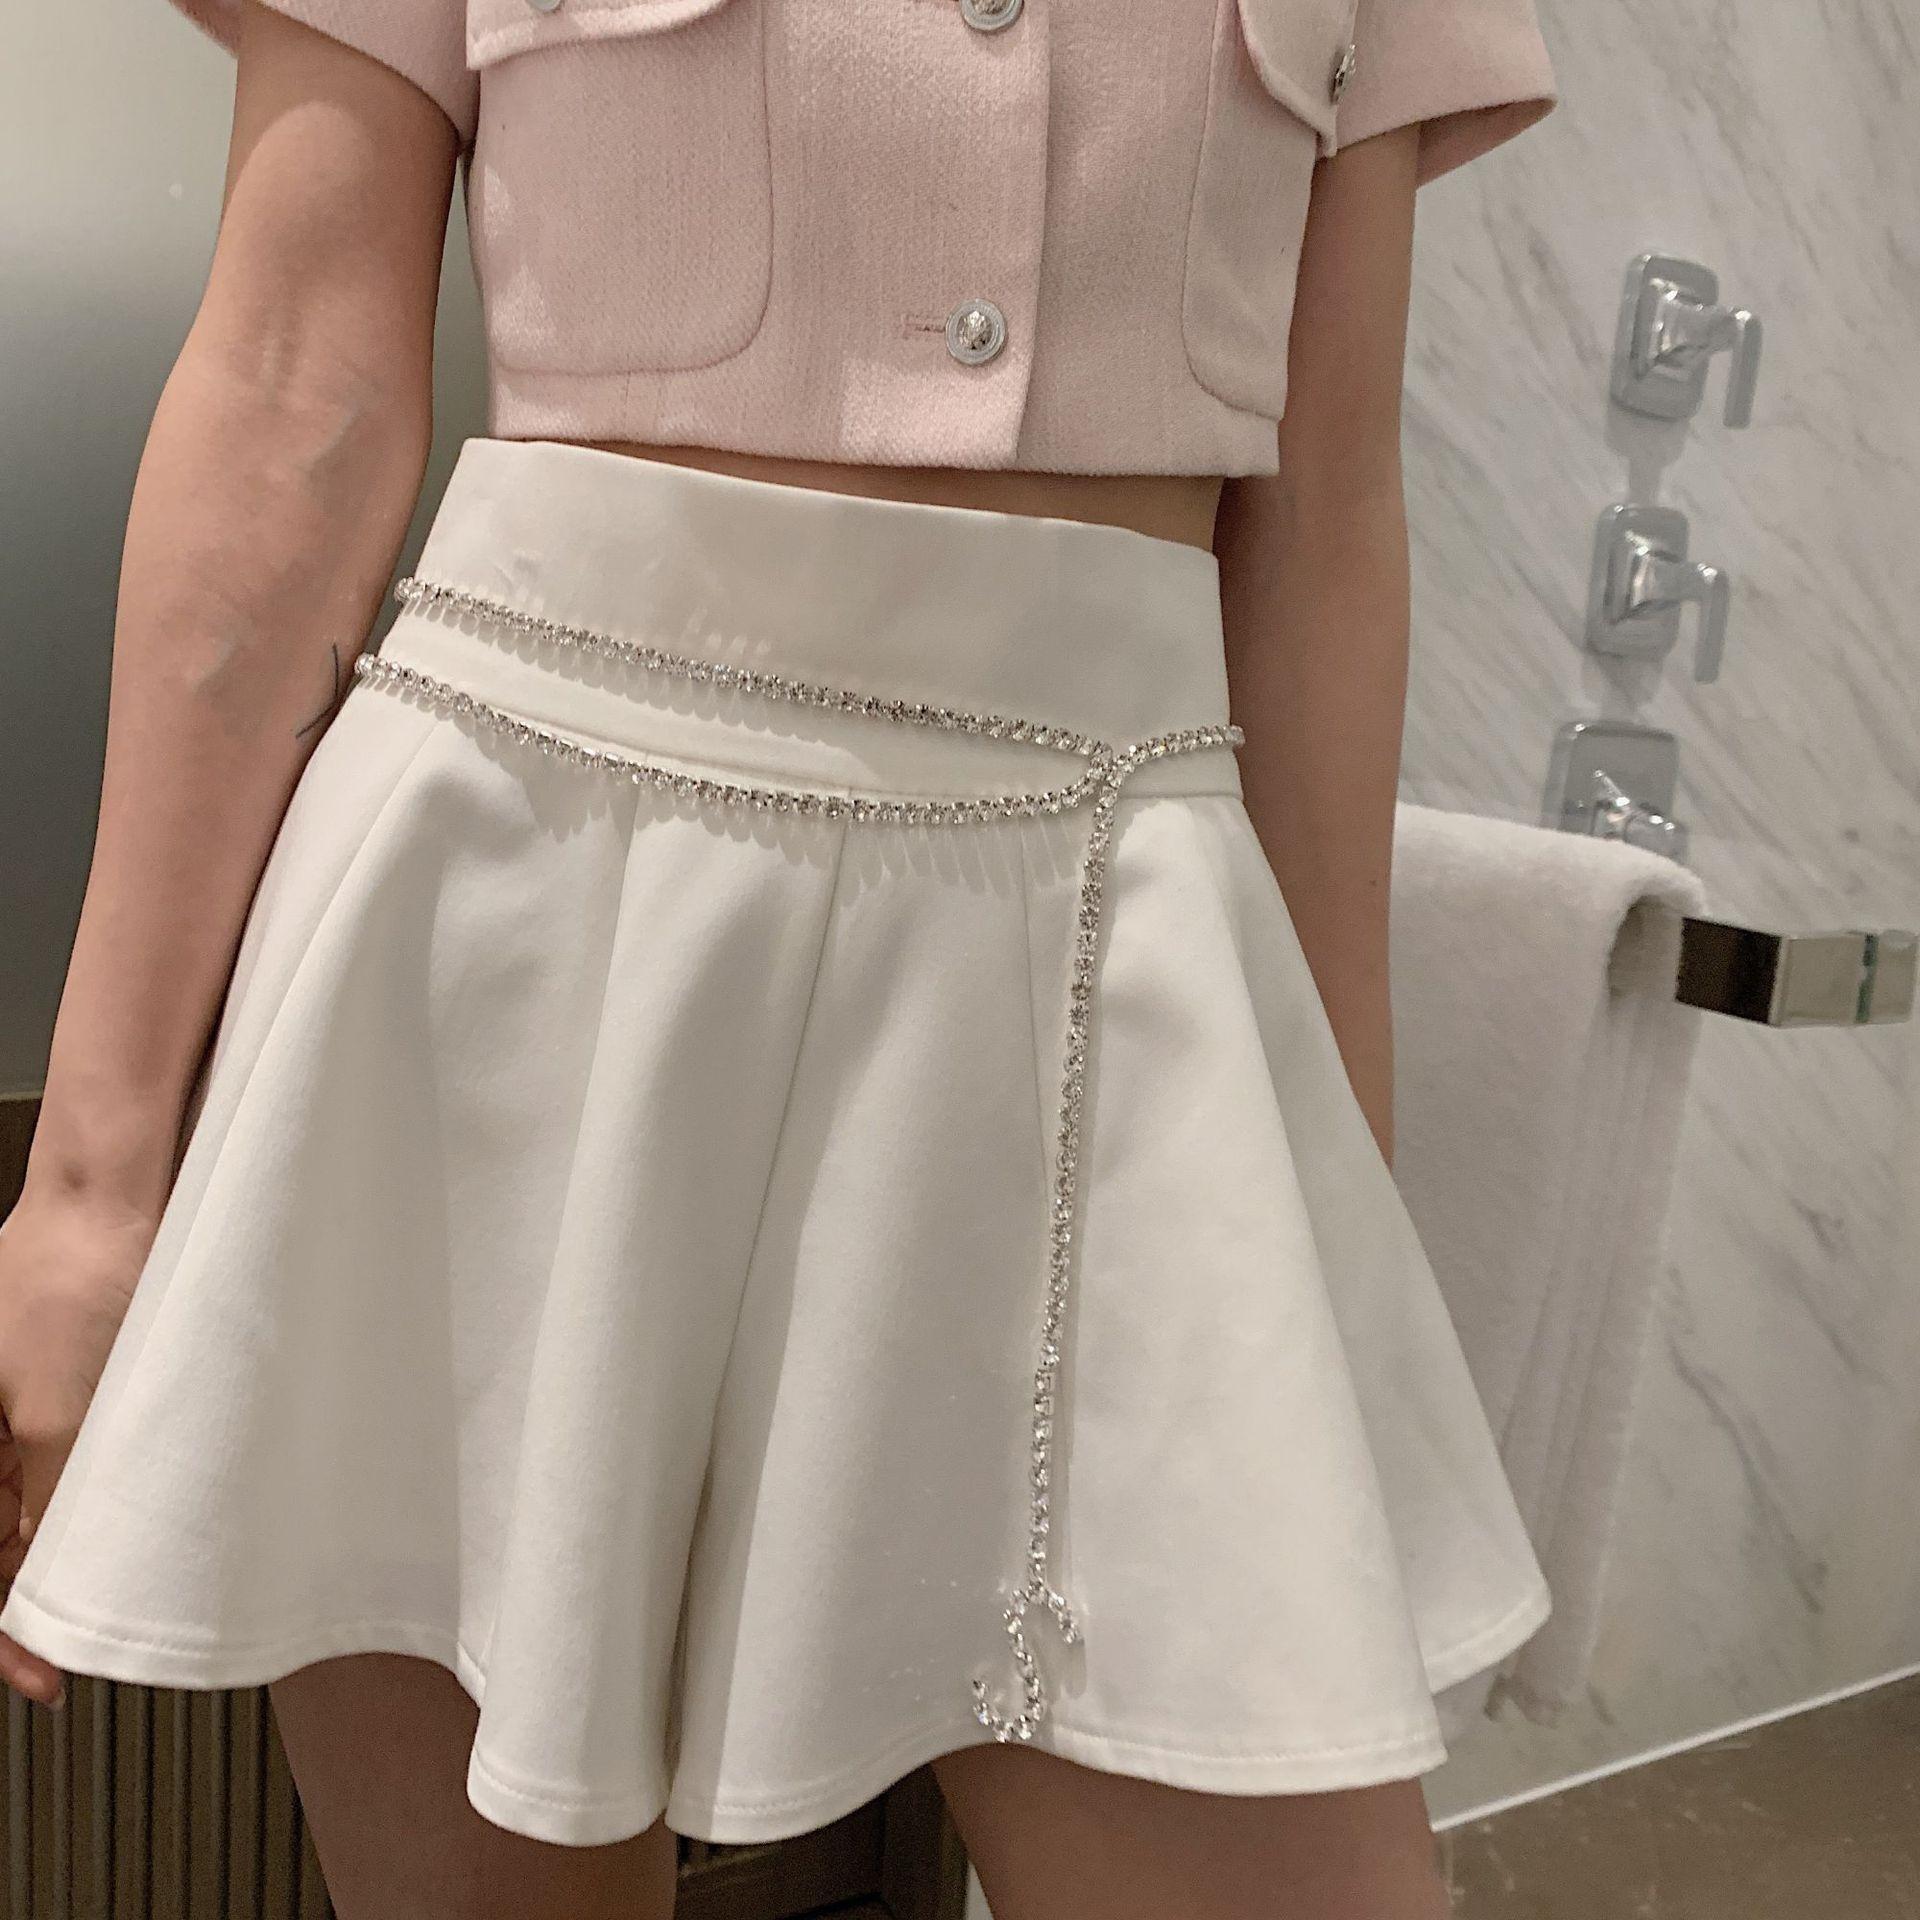 alta abbigliamento ors6K 2020 delle donne eleganti T5612 estate e pantaloni tutto-fiammifero di dimagrimento a balze fragranza nuova vita a forma di un pantalone sk IMegZ